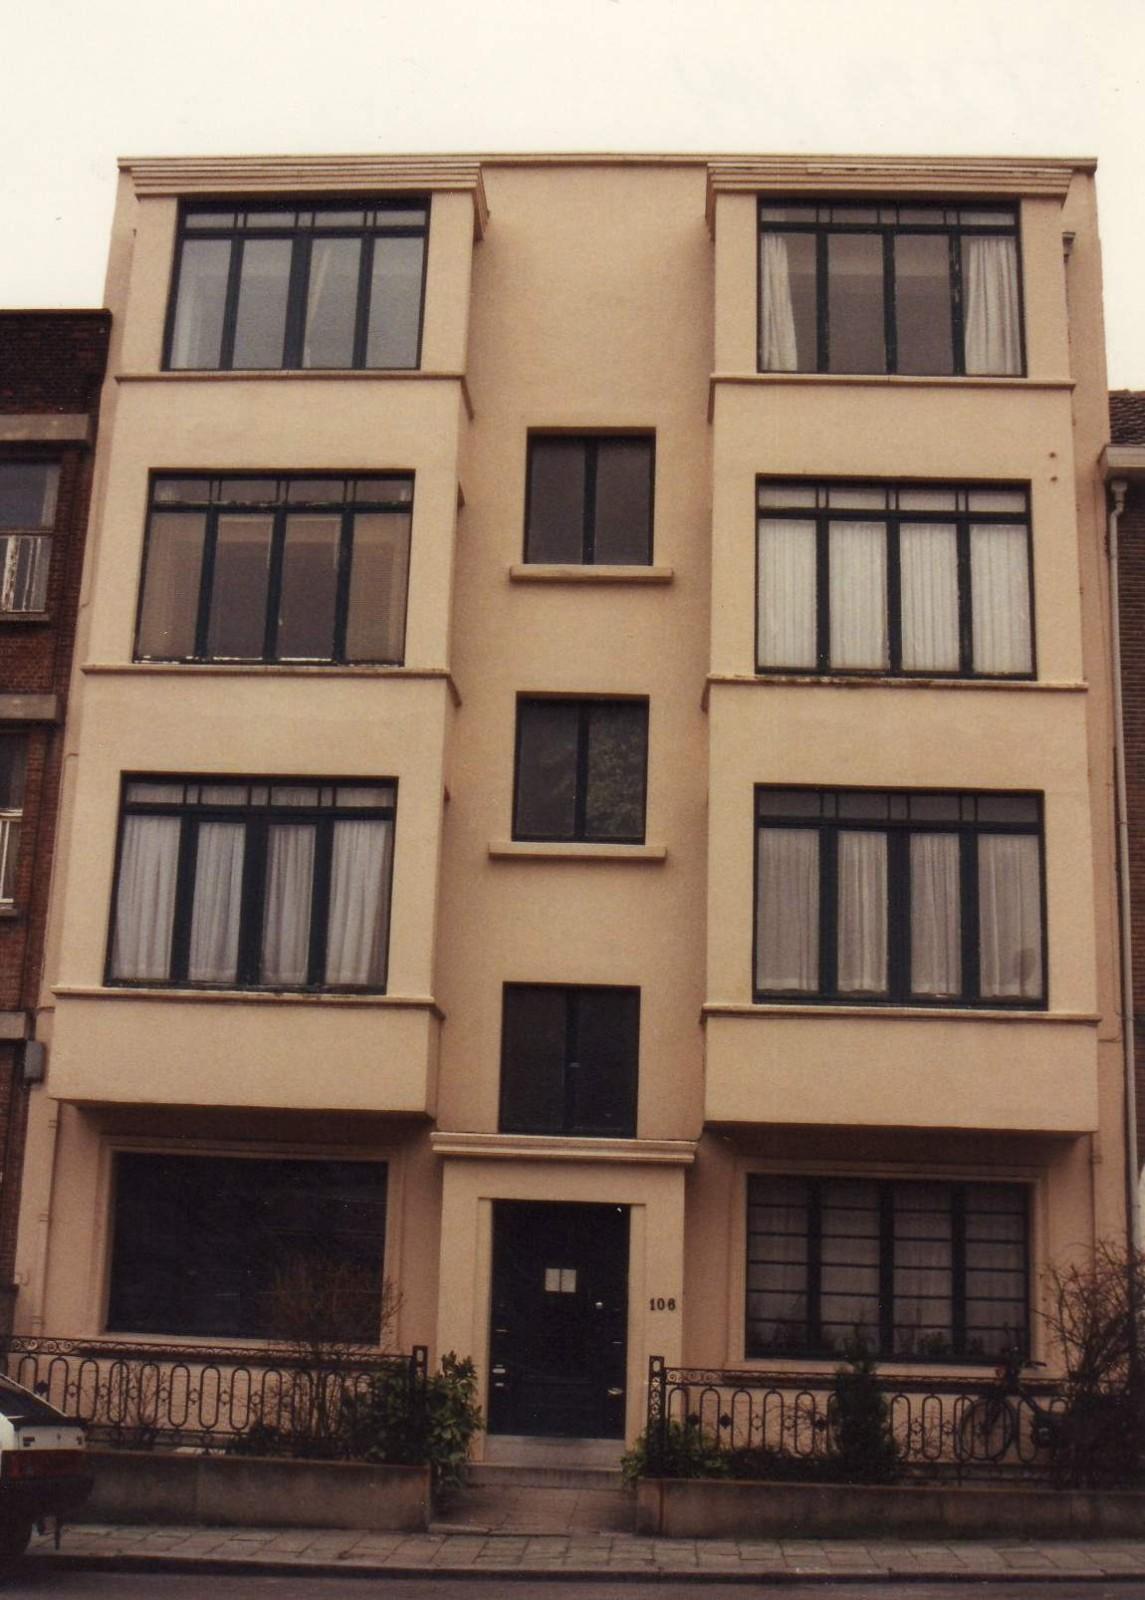 Avenue Nouvelle 106., 1994